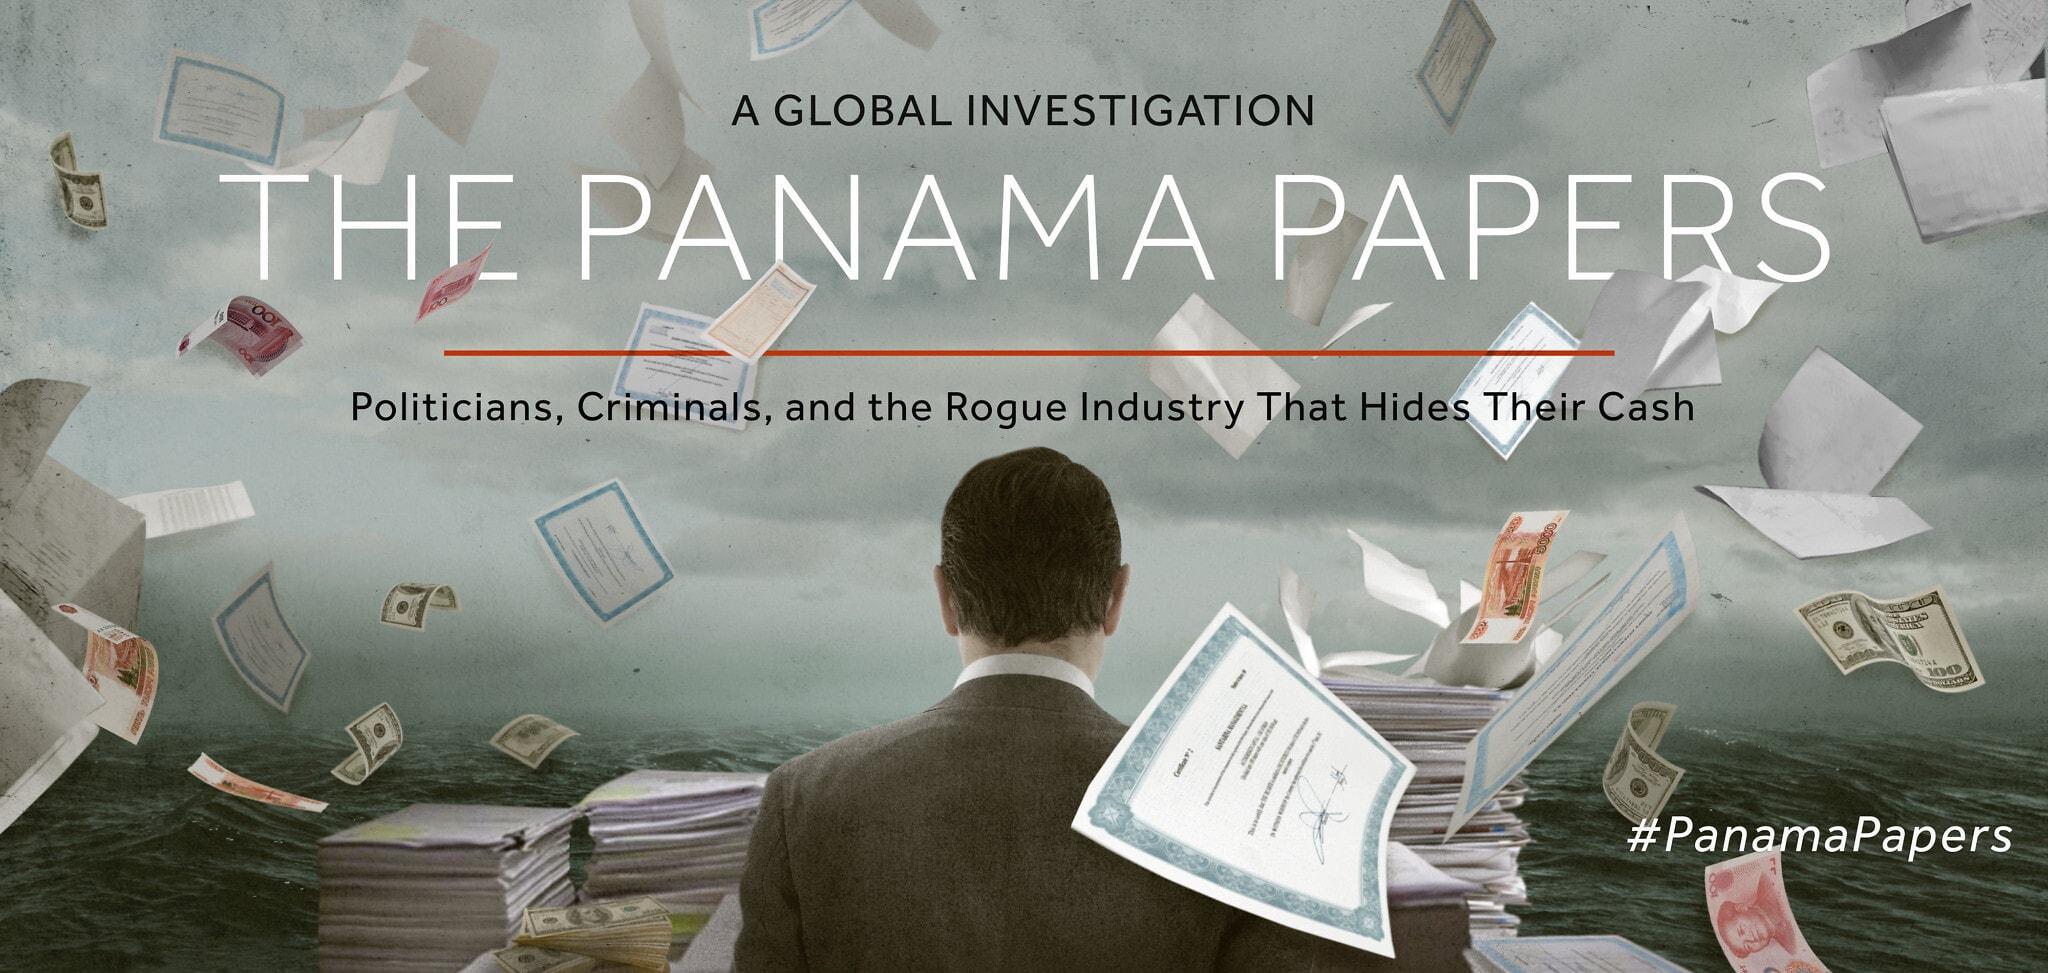 הבאנר של פרויקט התחקיר העולמי על מסמכי פנמה